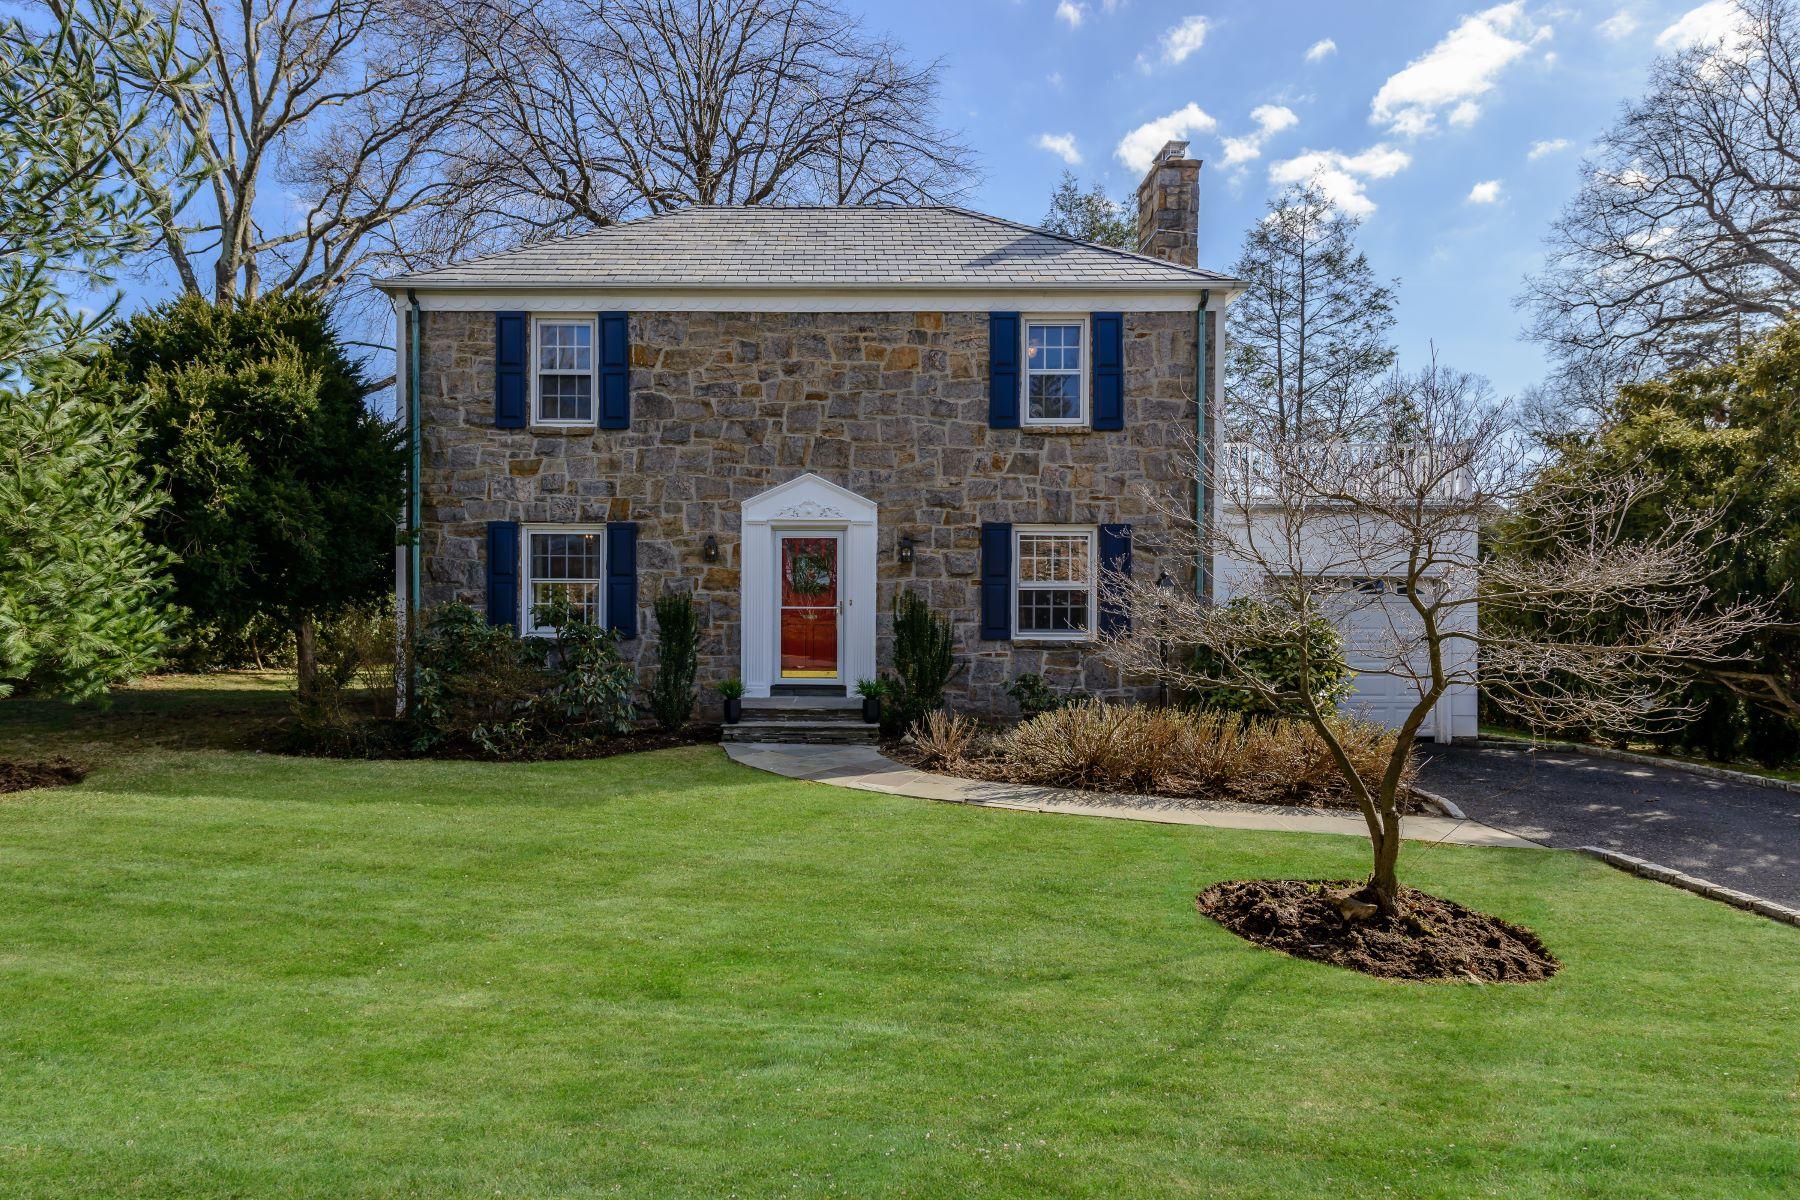 Частный односемейный дом для того Продажа на 54 Woodedge Rd , Manhasset, NY 11030 Manhasset, Нью-Йорк, 11030 Соединенные Штаты